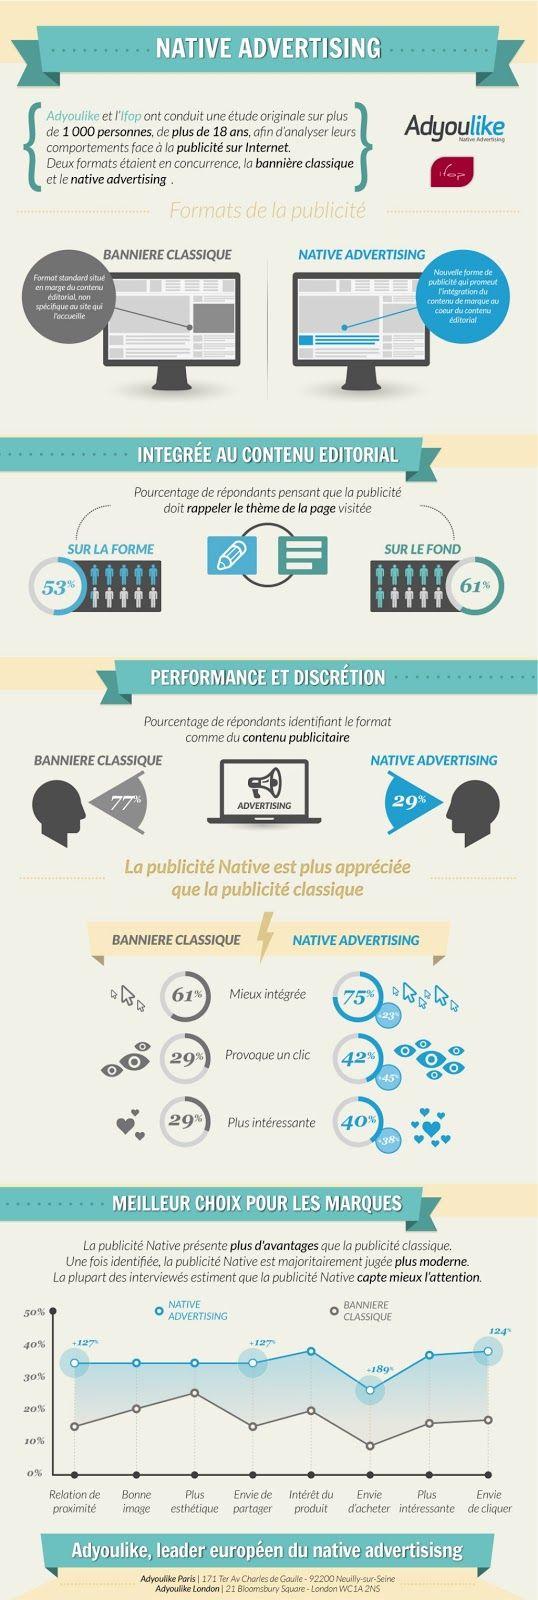 Le native advertising est-il l'avenir de la publicité en ligne ? - Arobasenet.com - Septembre 2015